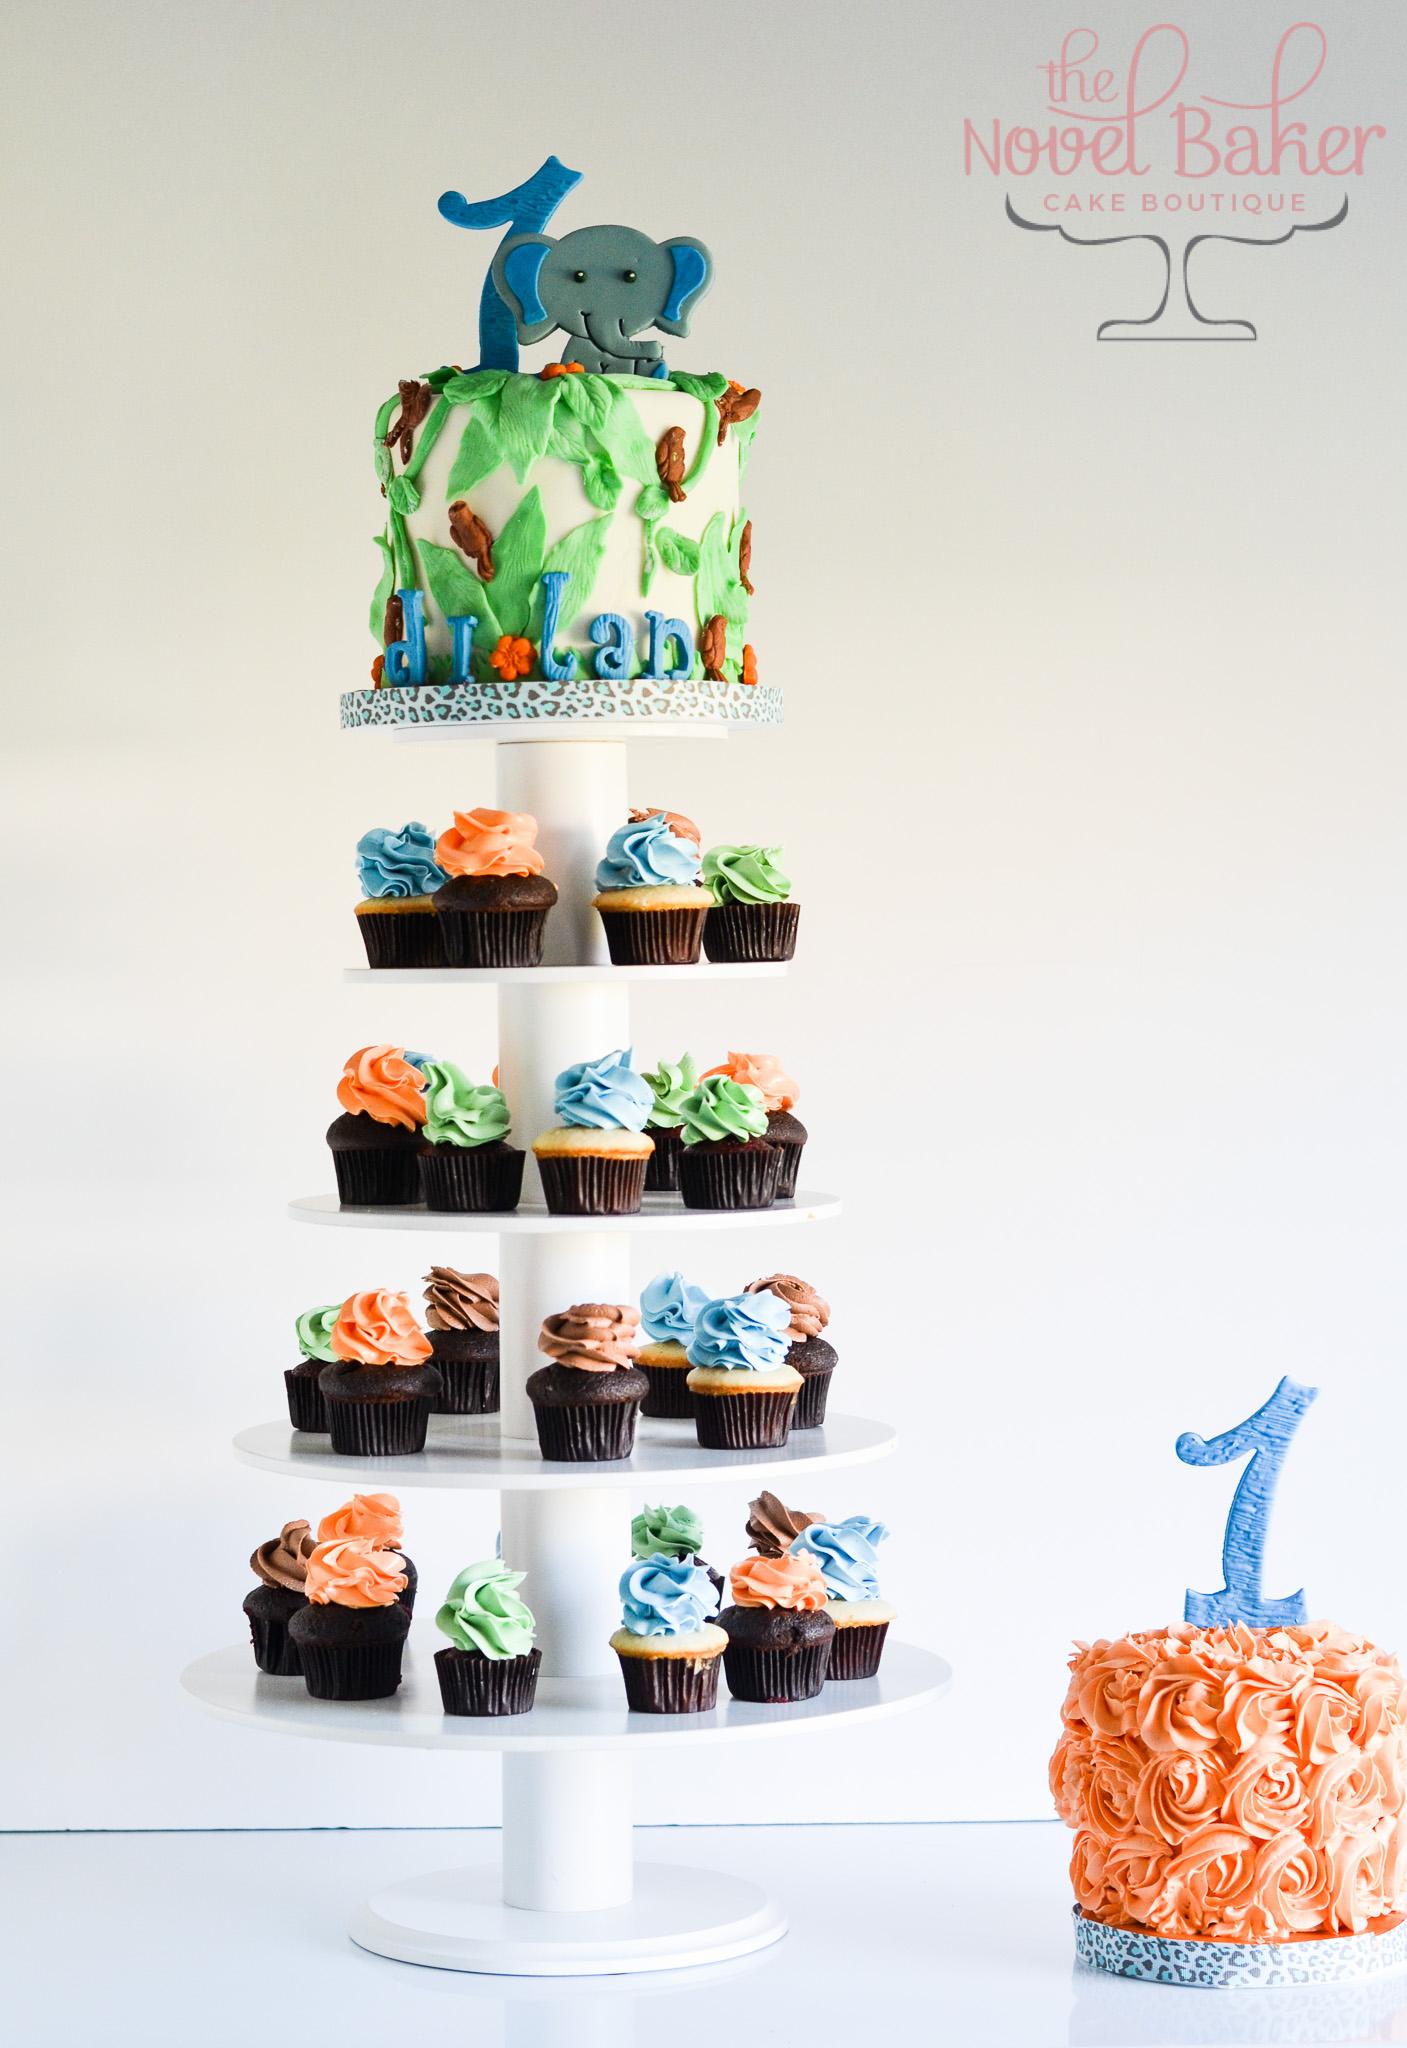 Baby Elephant Cake Topper Thenovelbaker